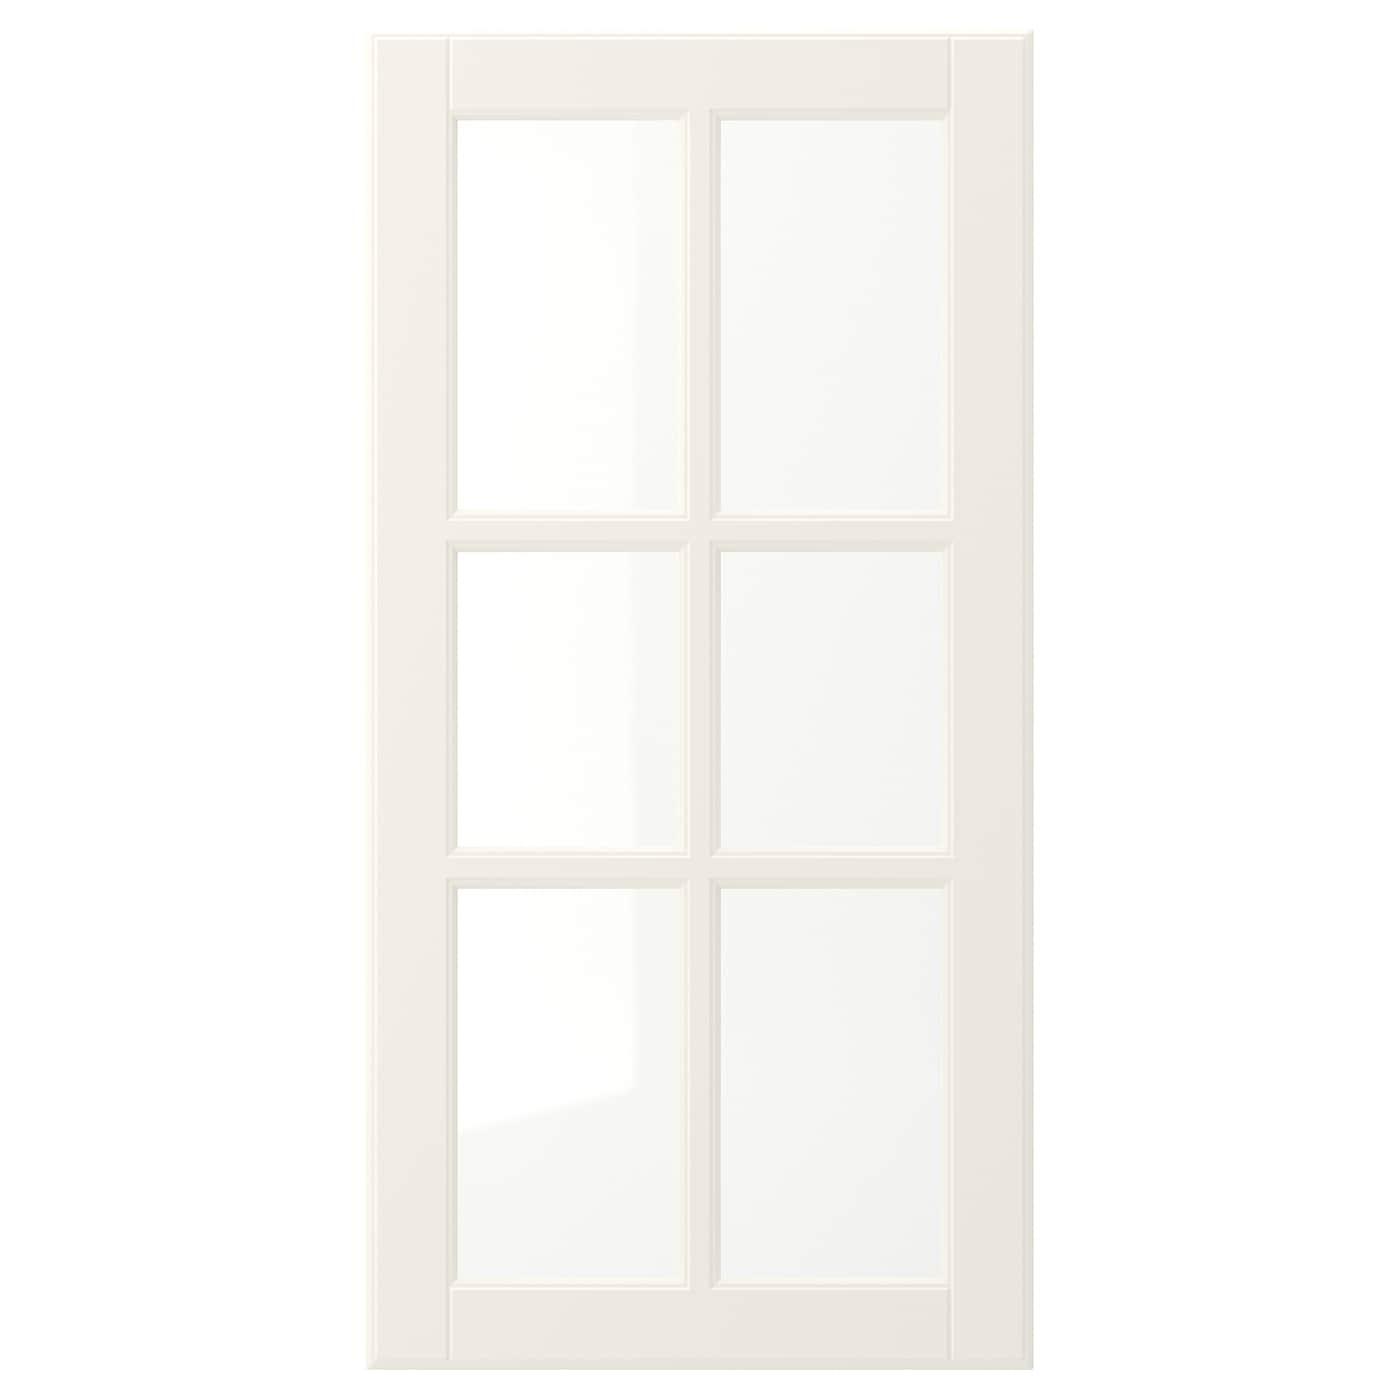 Replacement Kitchen Doors Ikea